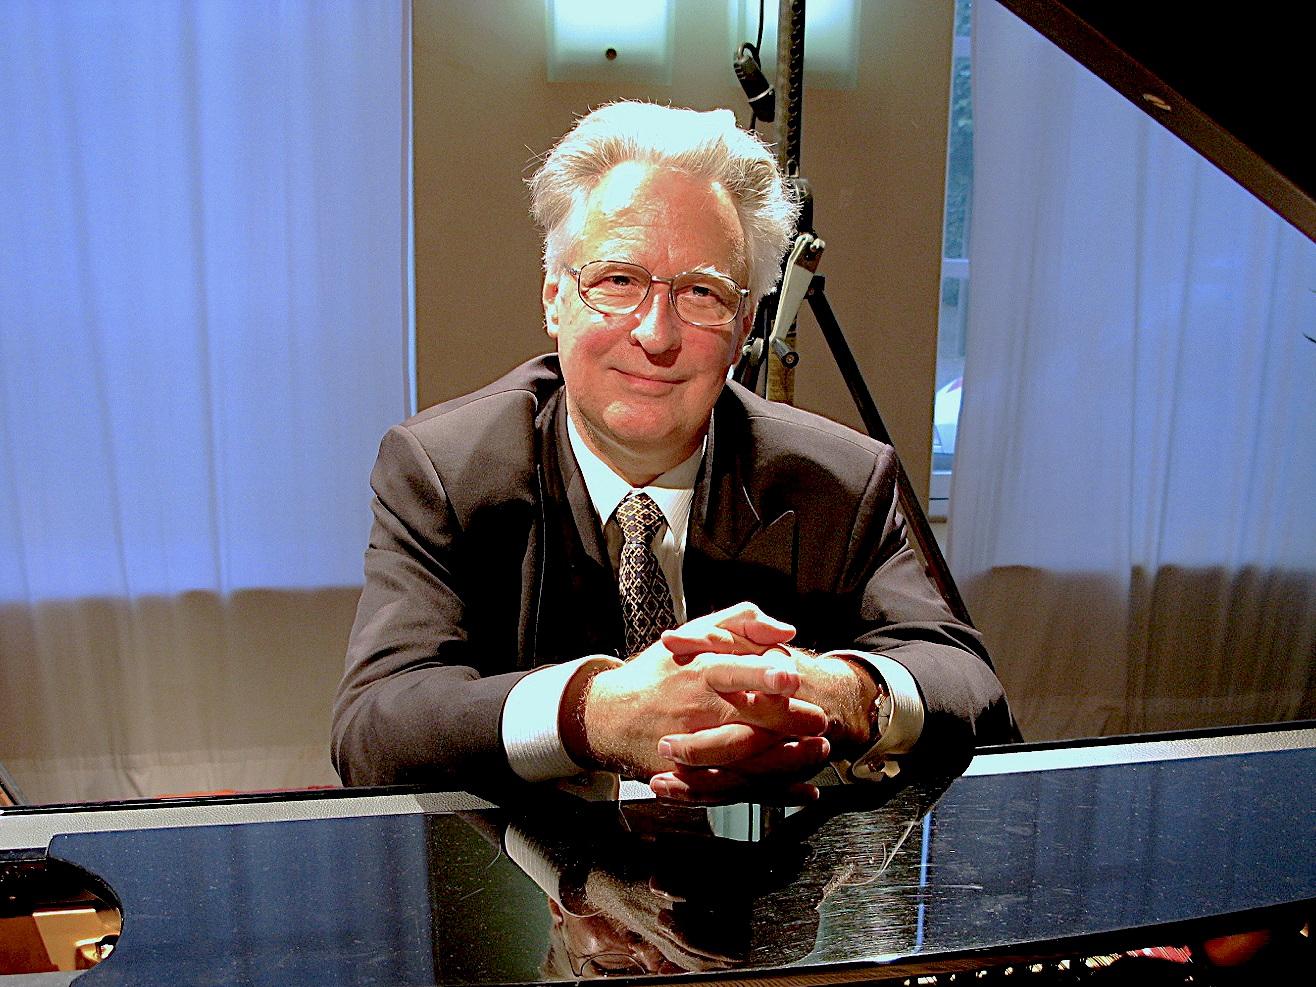 Jean-Claude VANDEN EYNDEN - PRESIDENT (BELGIUM)